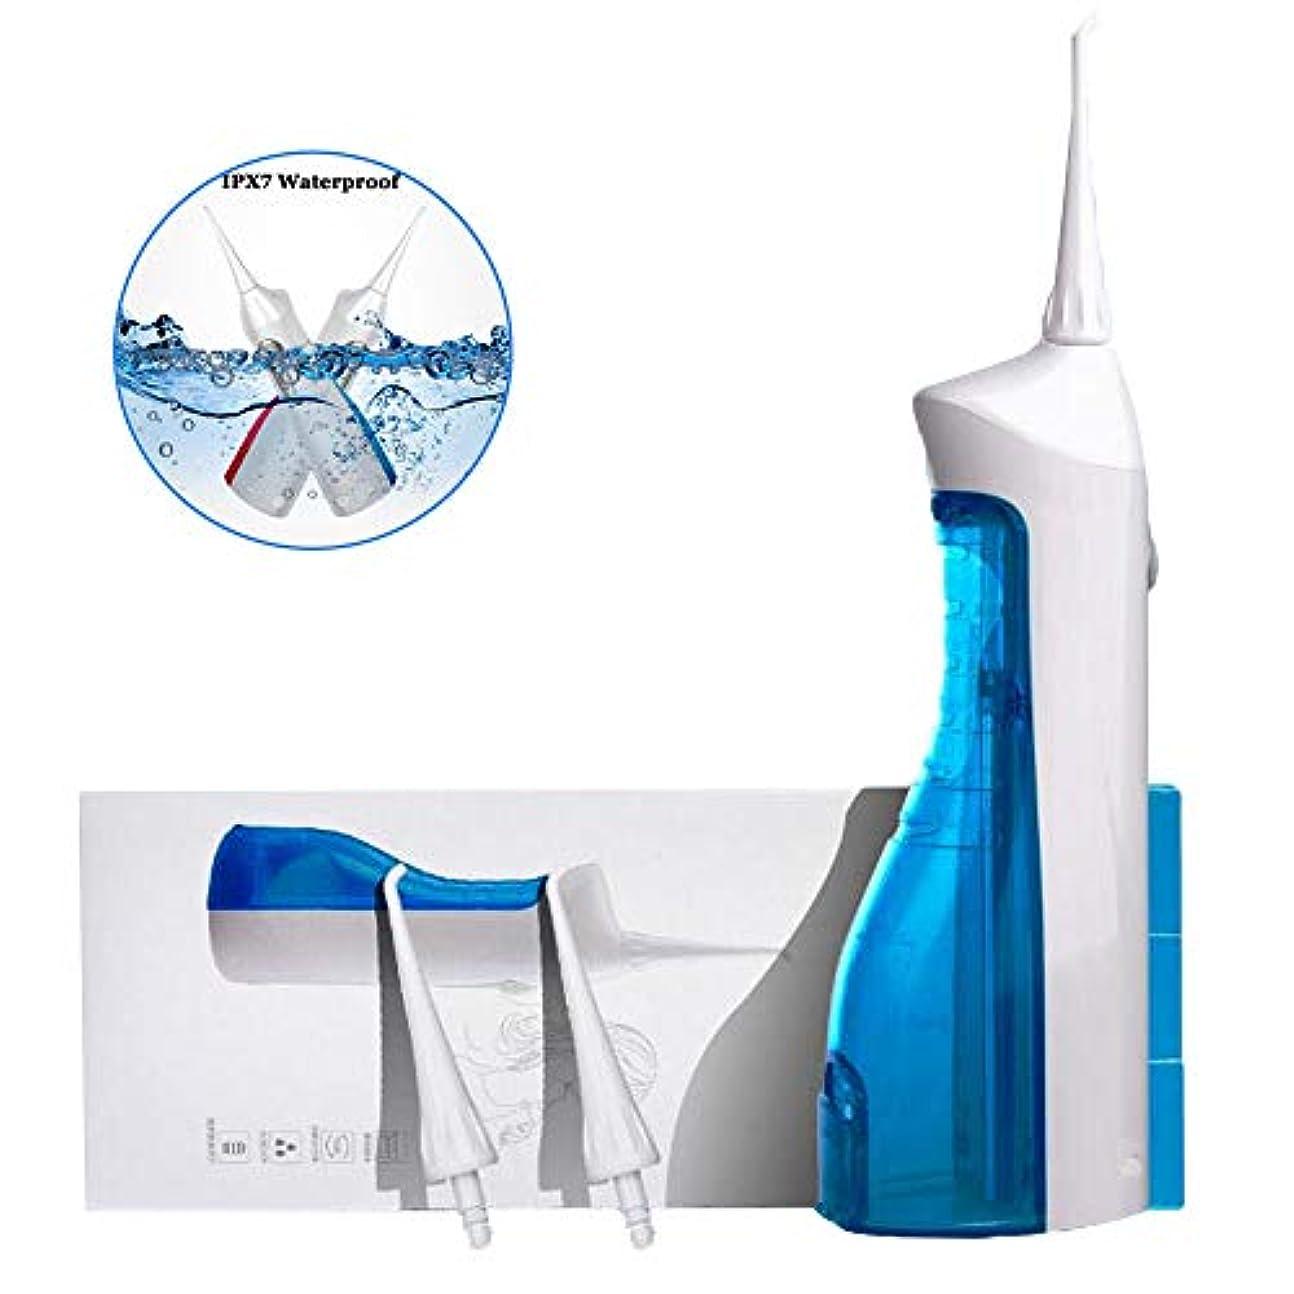 概念師匠メール歯用ウォーターフロッサー、ポータブルプロフェッショナルコードレス歯科口腔洗浄器、150mlタンク、2本のジェットチップ付き歯磨き粉用クリーナー、2つのクリーニングモード、USB充電式、IPX7防水